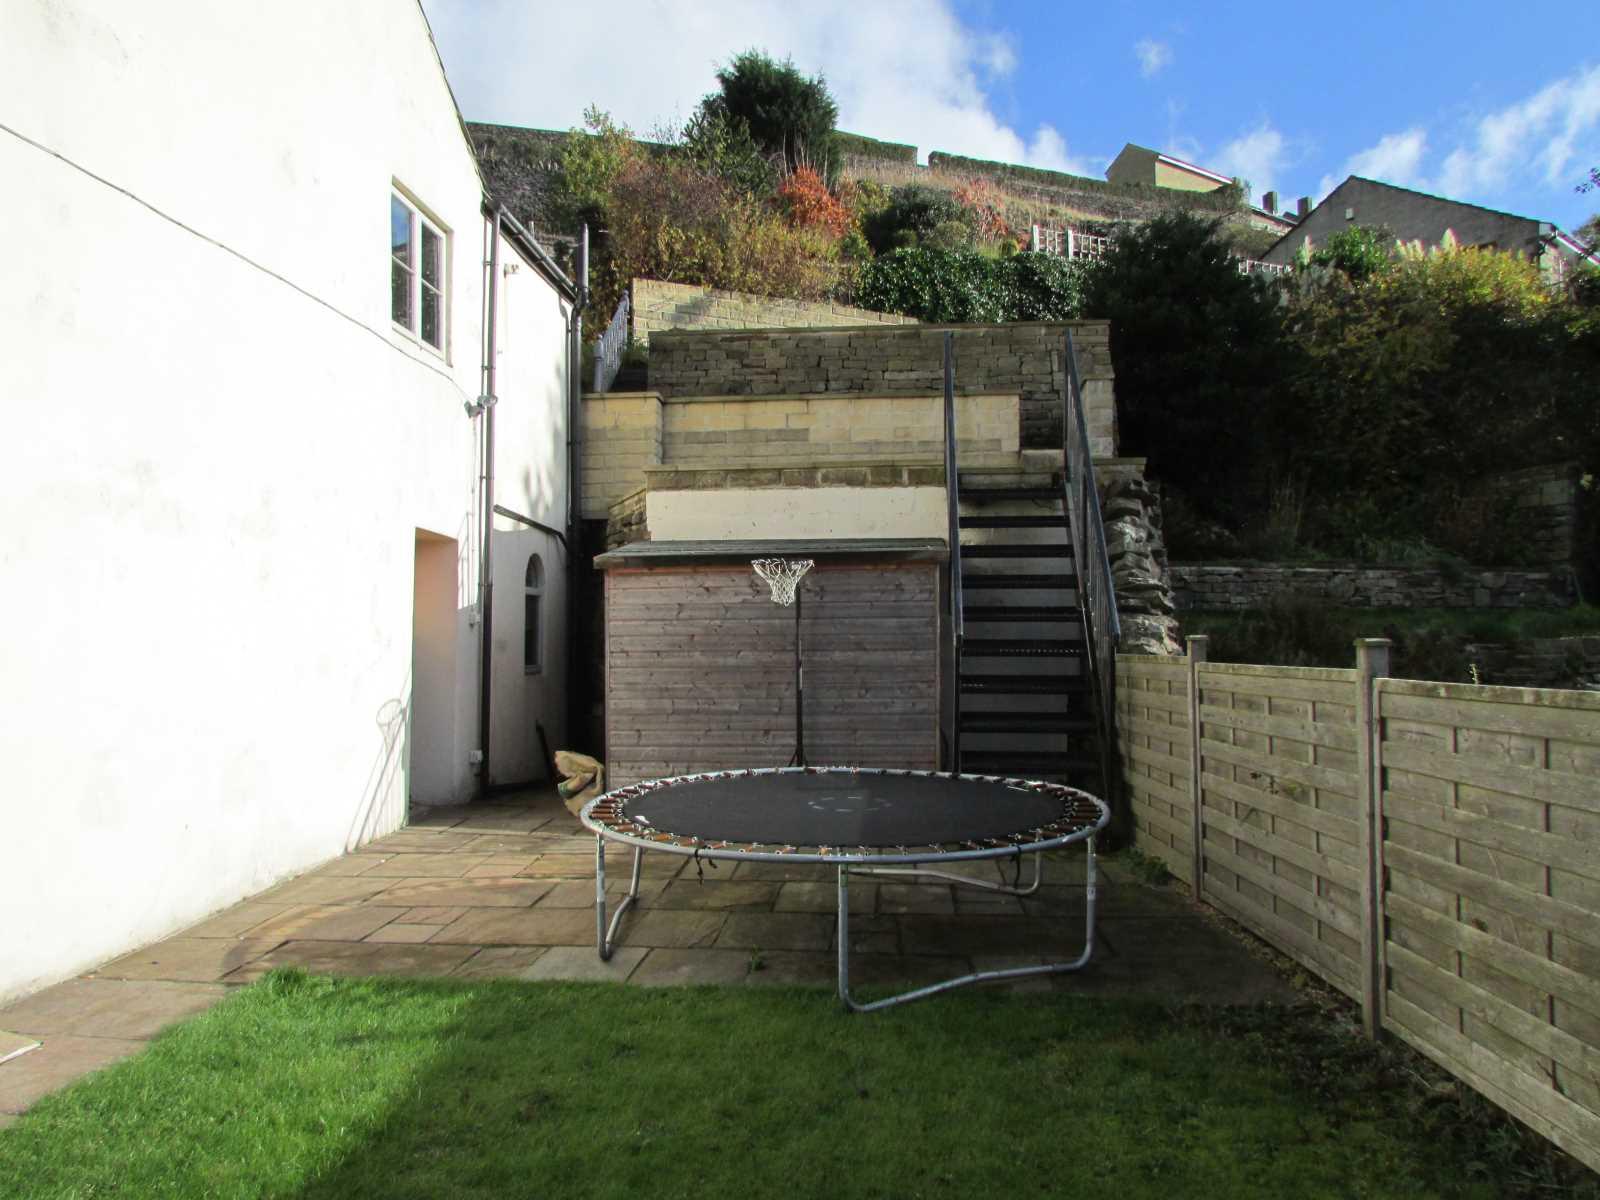 3 Well Hill,  Underbank, Holmfirth, HD9 1EG